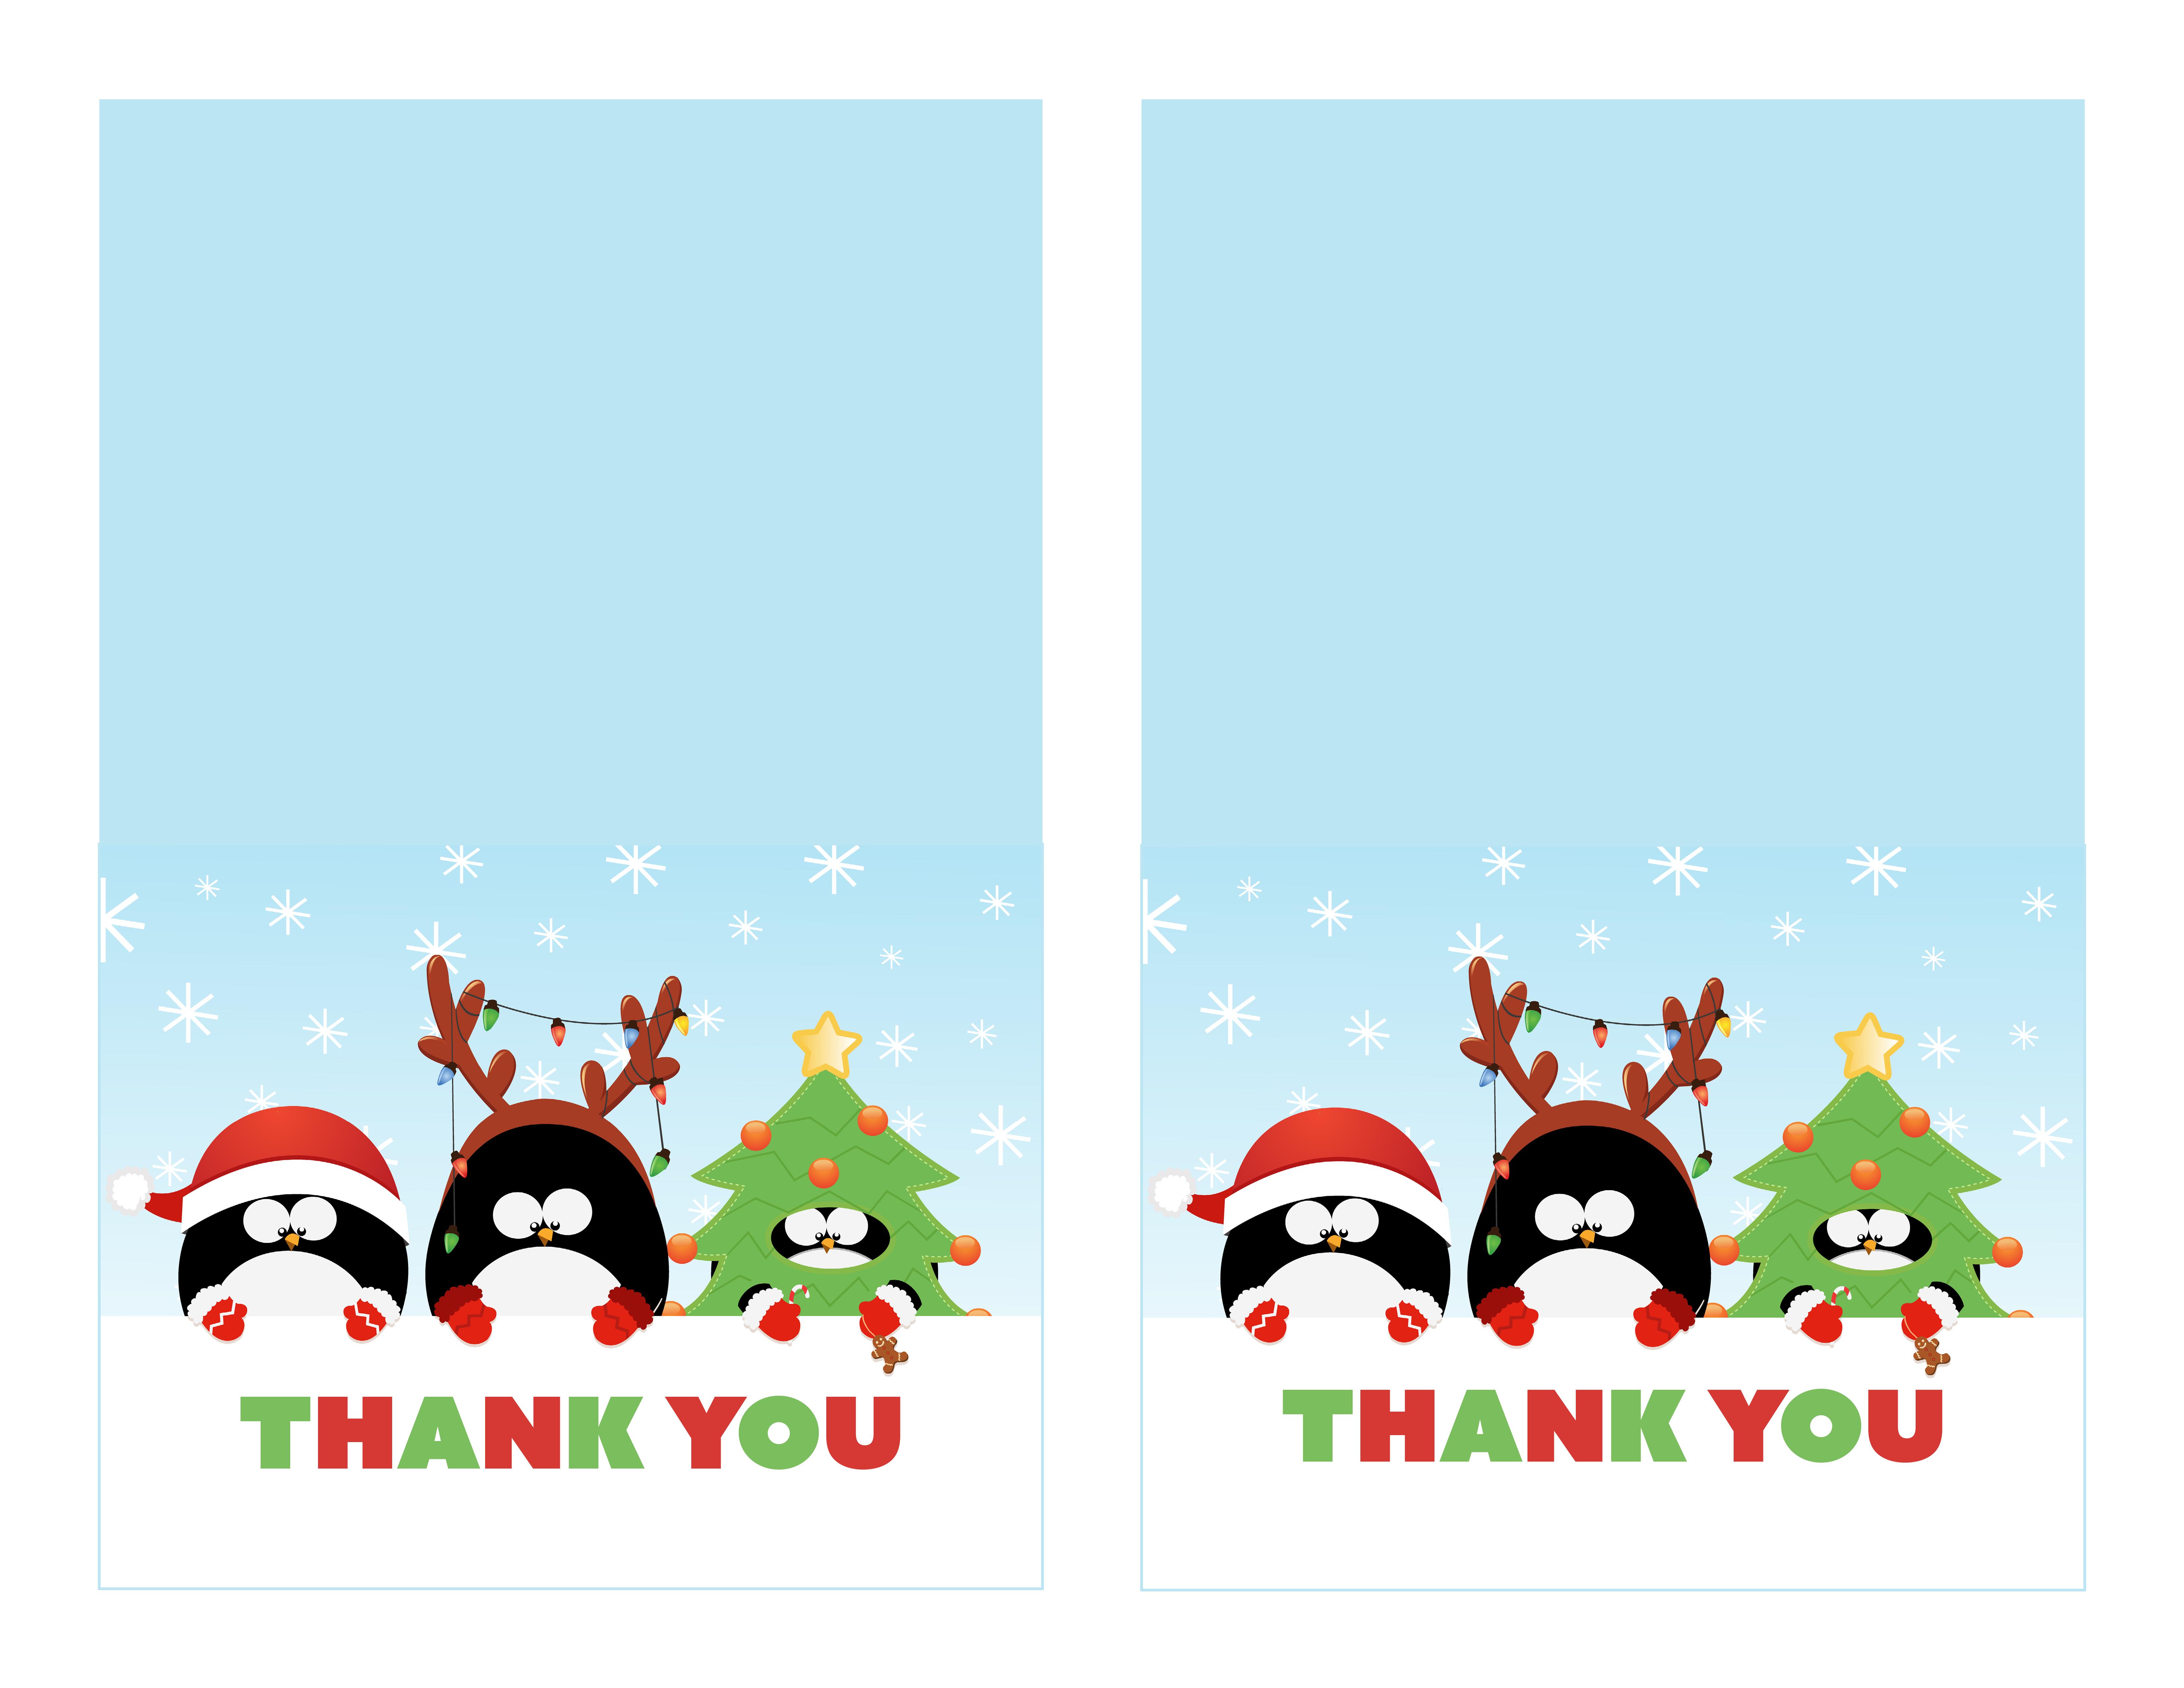 Free Printable Christmas Thank You Cards - Printable Cards - Christmas Thank You Cards Printable Free